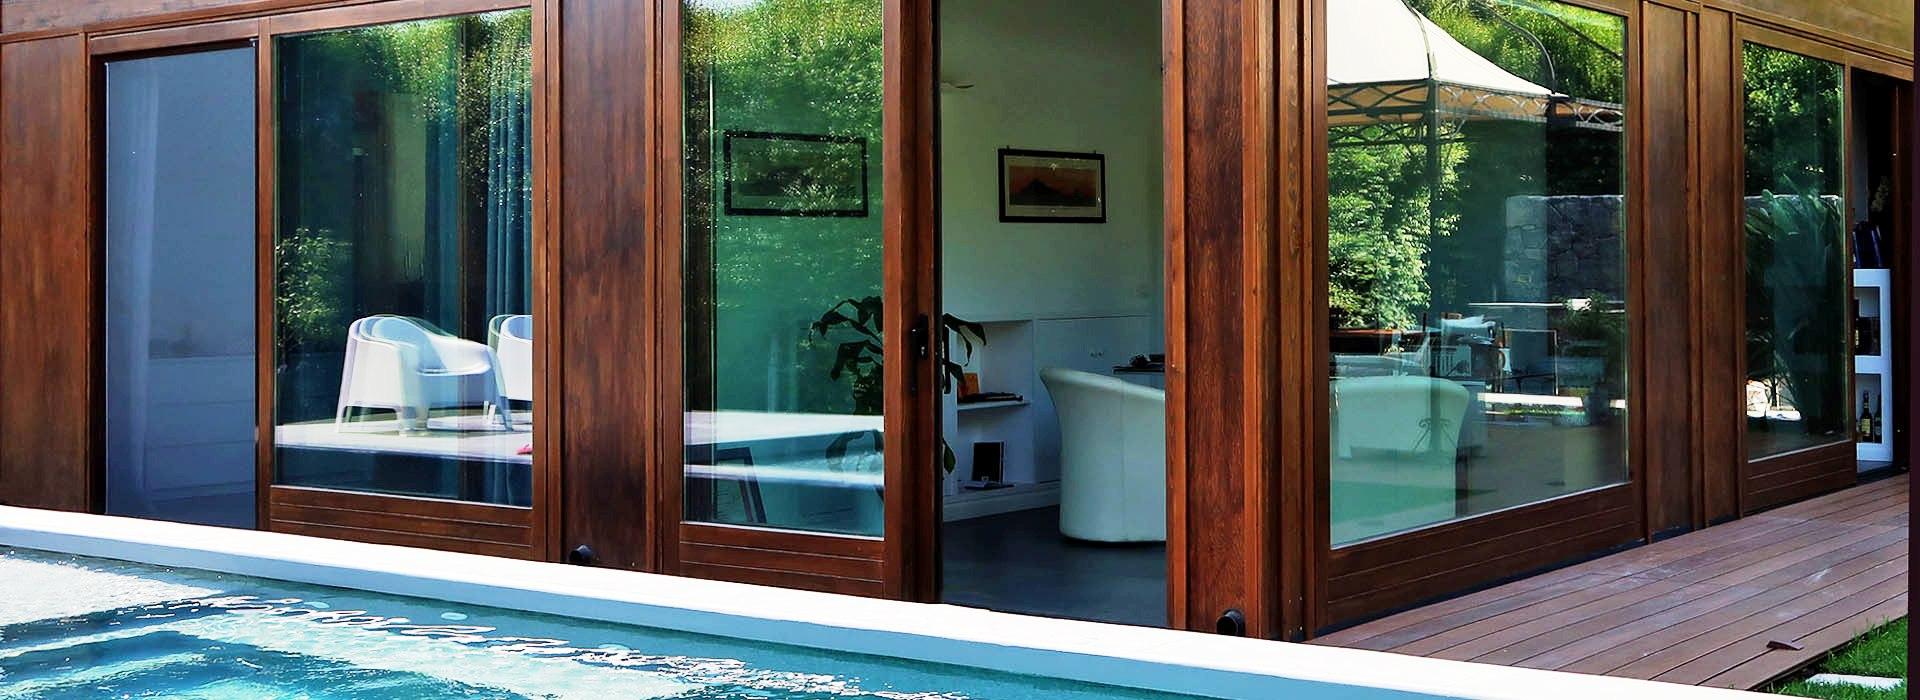 Vivereverde arredi per esterni 3d arredo giardino for Giardino 3d